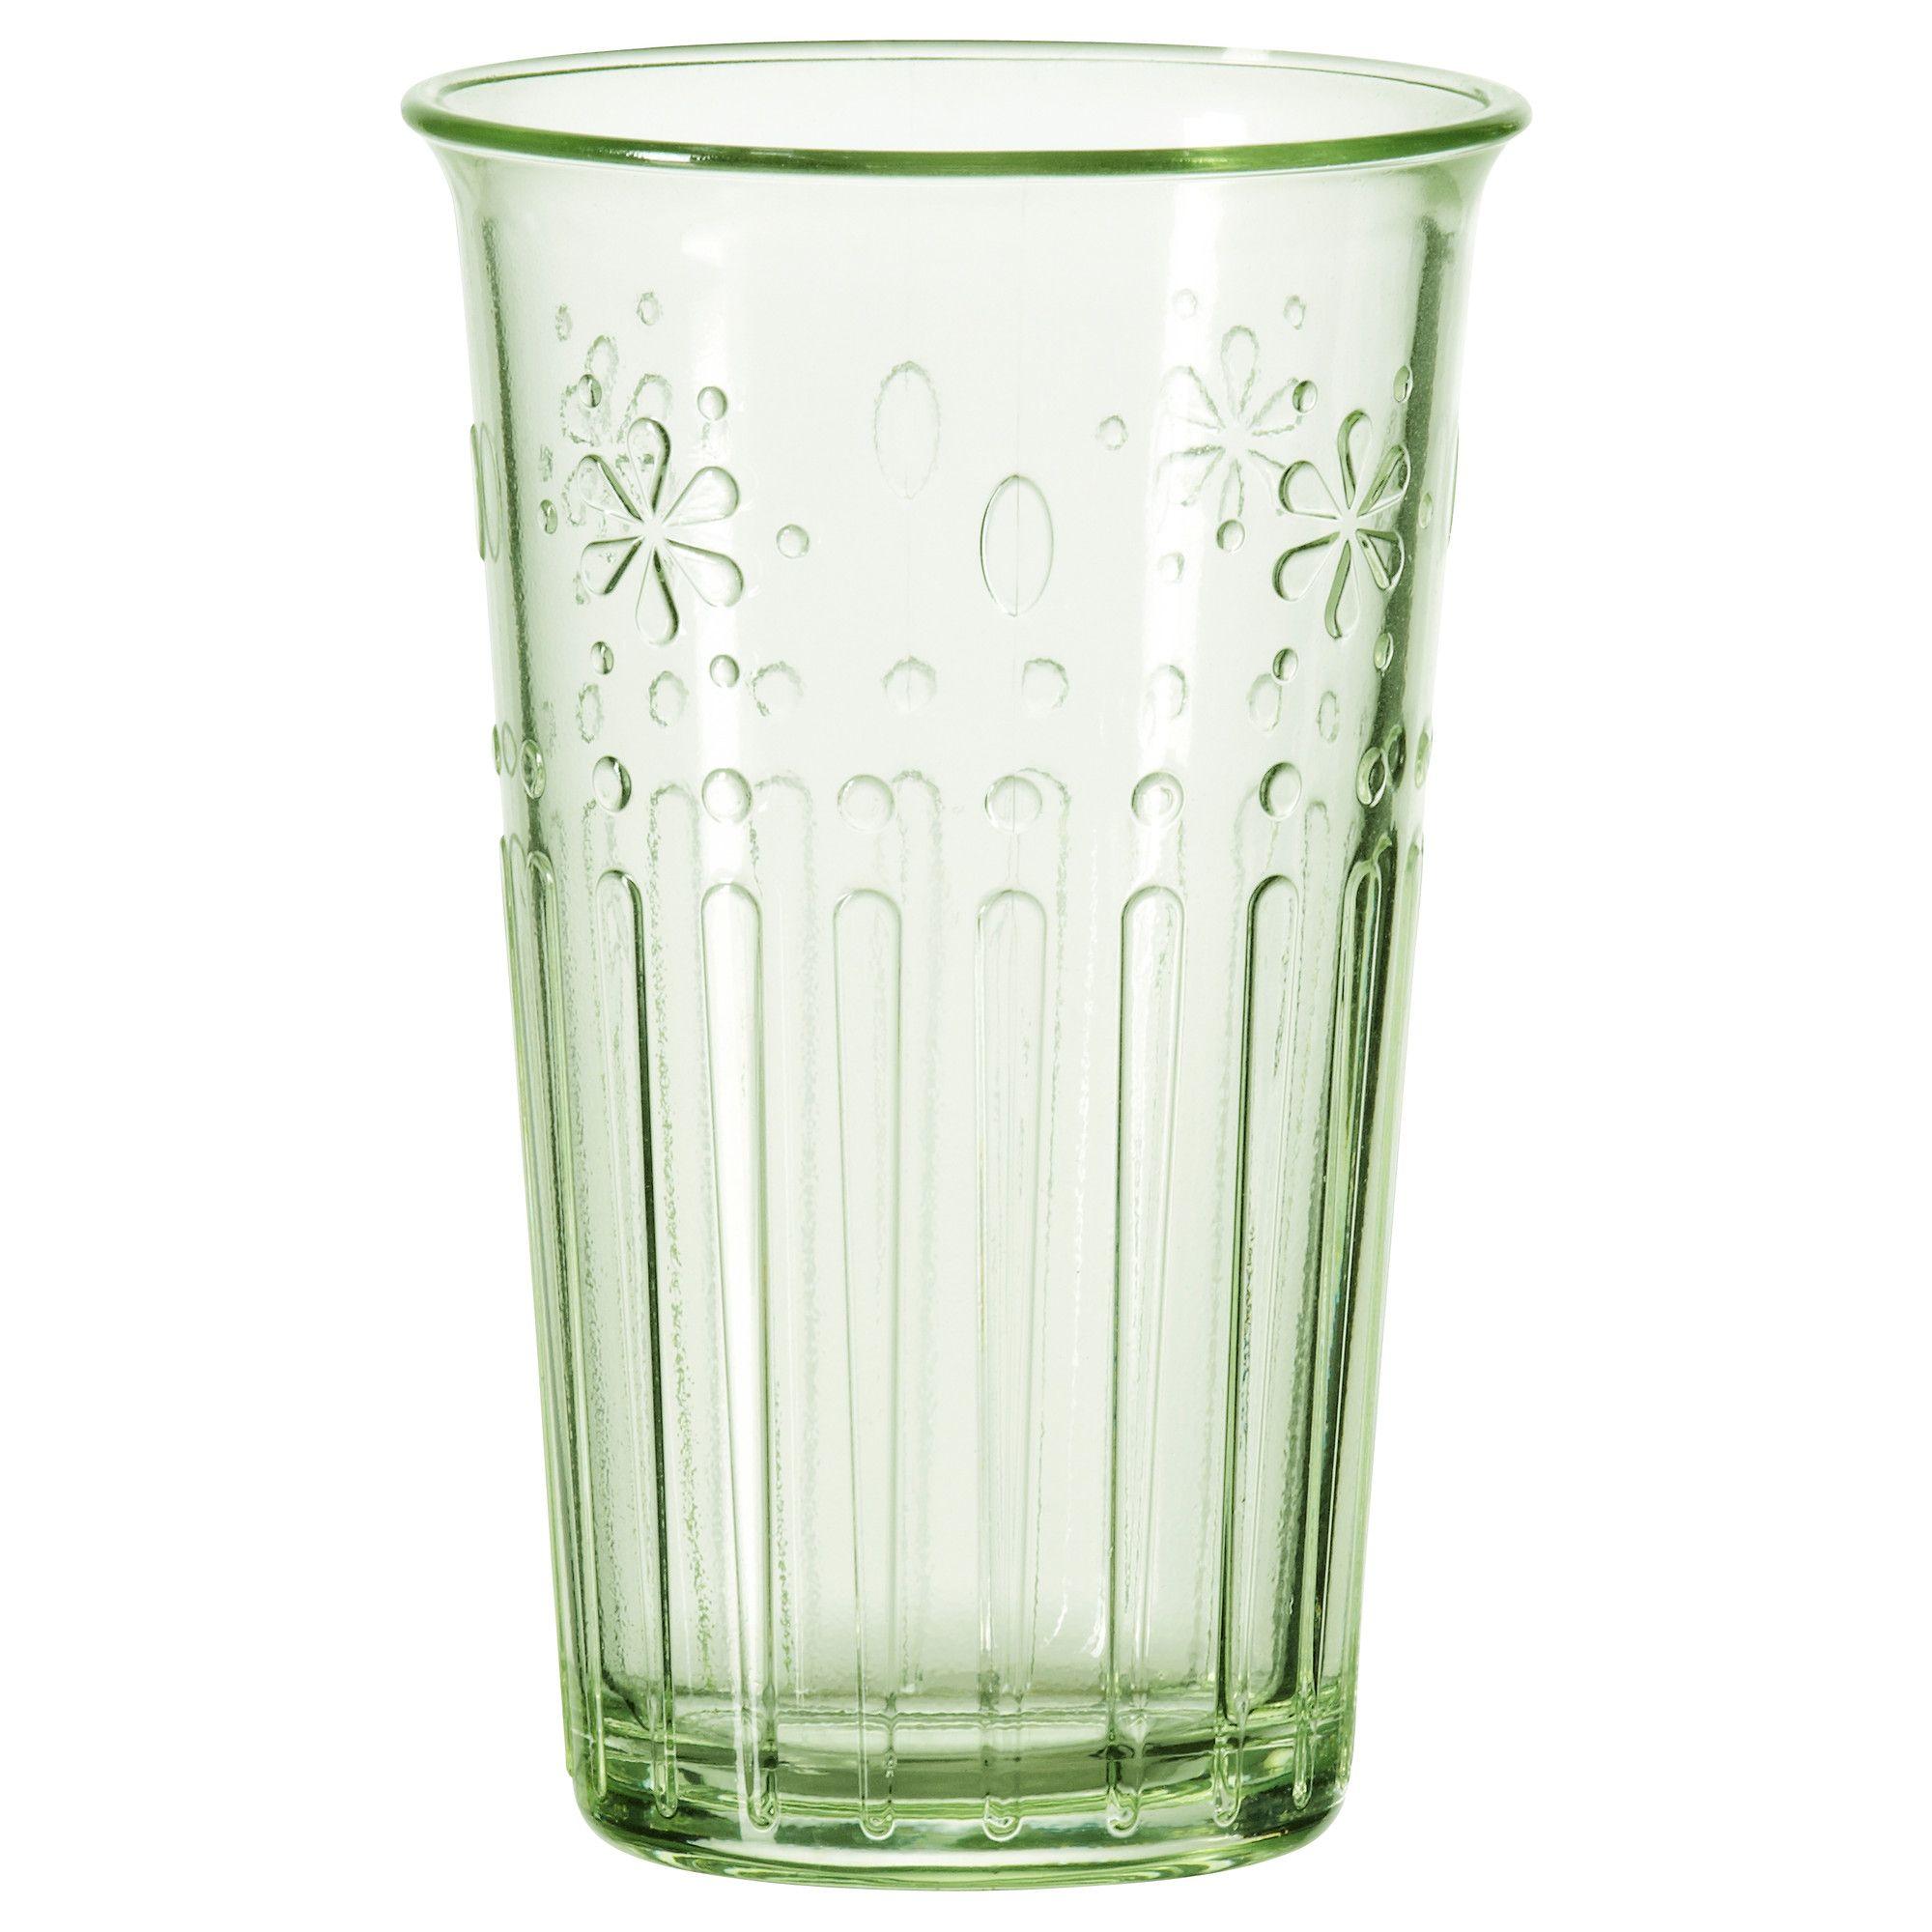 KROKETT Glas 38cl - IKEA €1,49/st Voorgesteld door catering, vindt ...